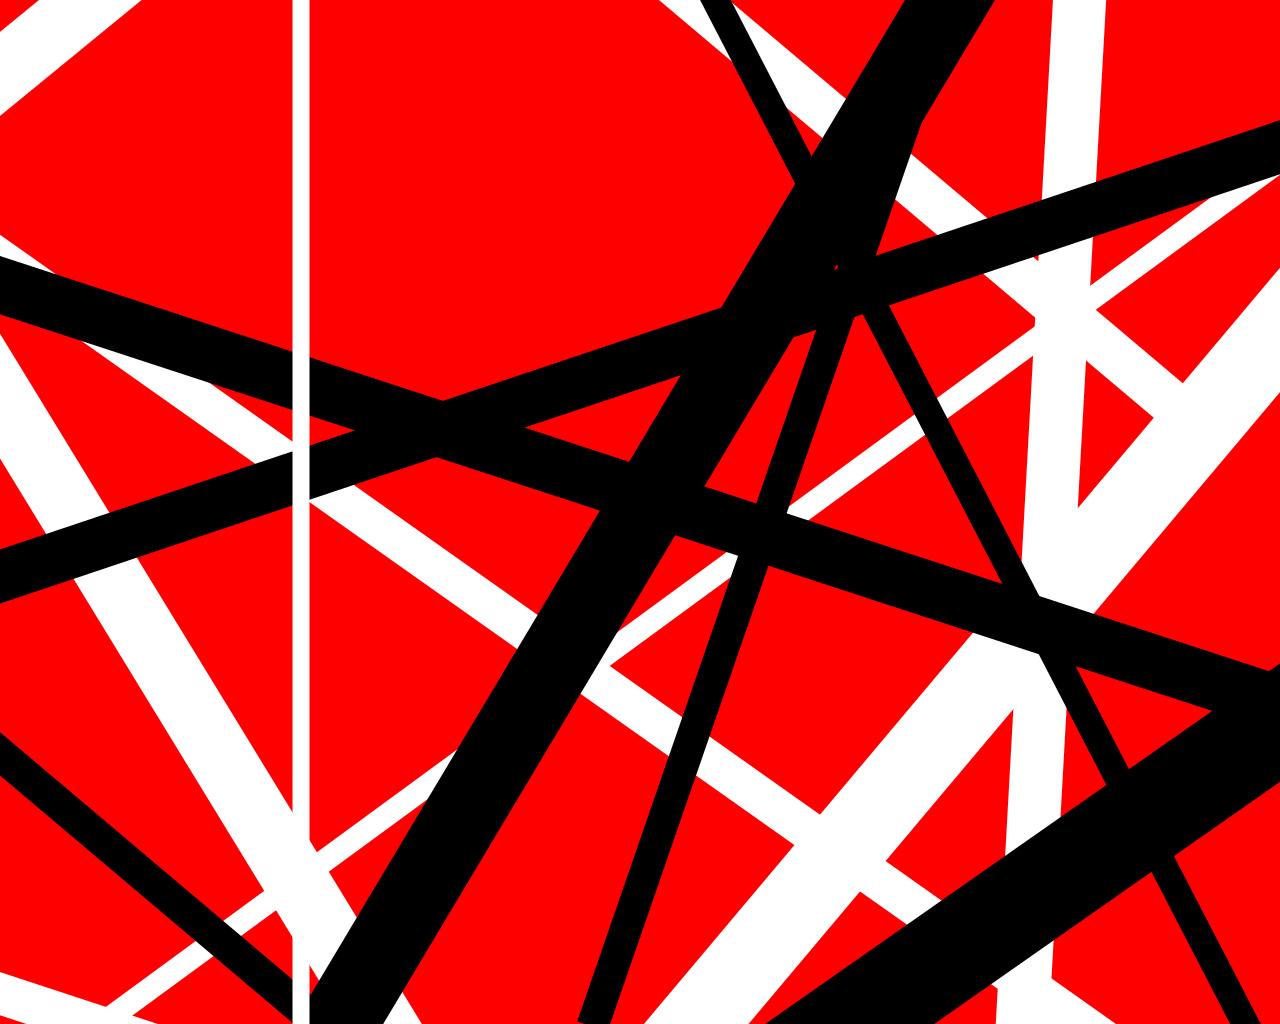 Van Halen Backgrounds 1280x1024